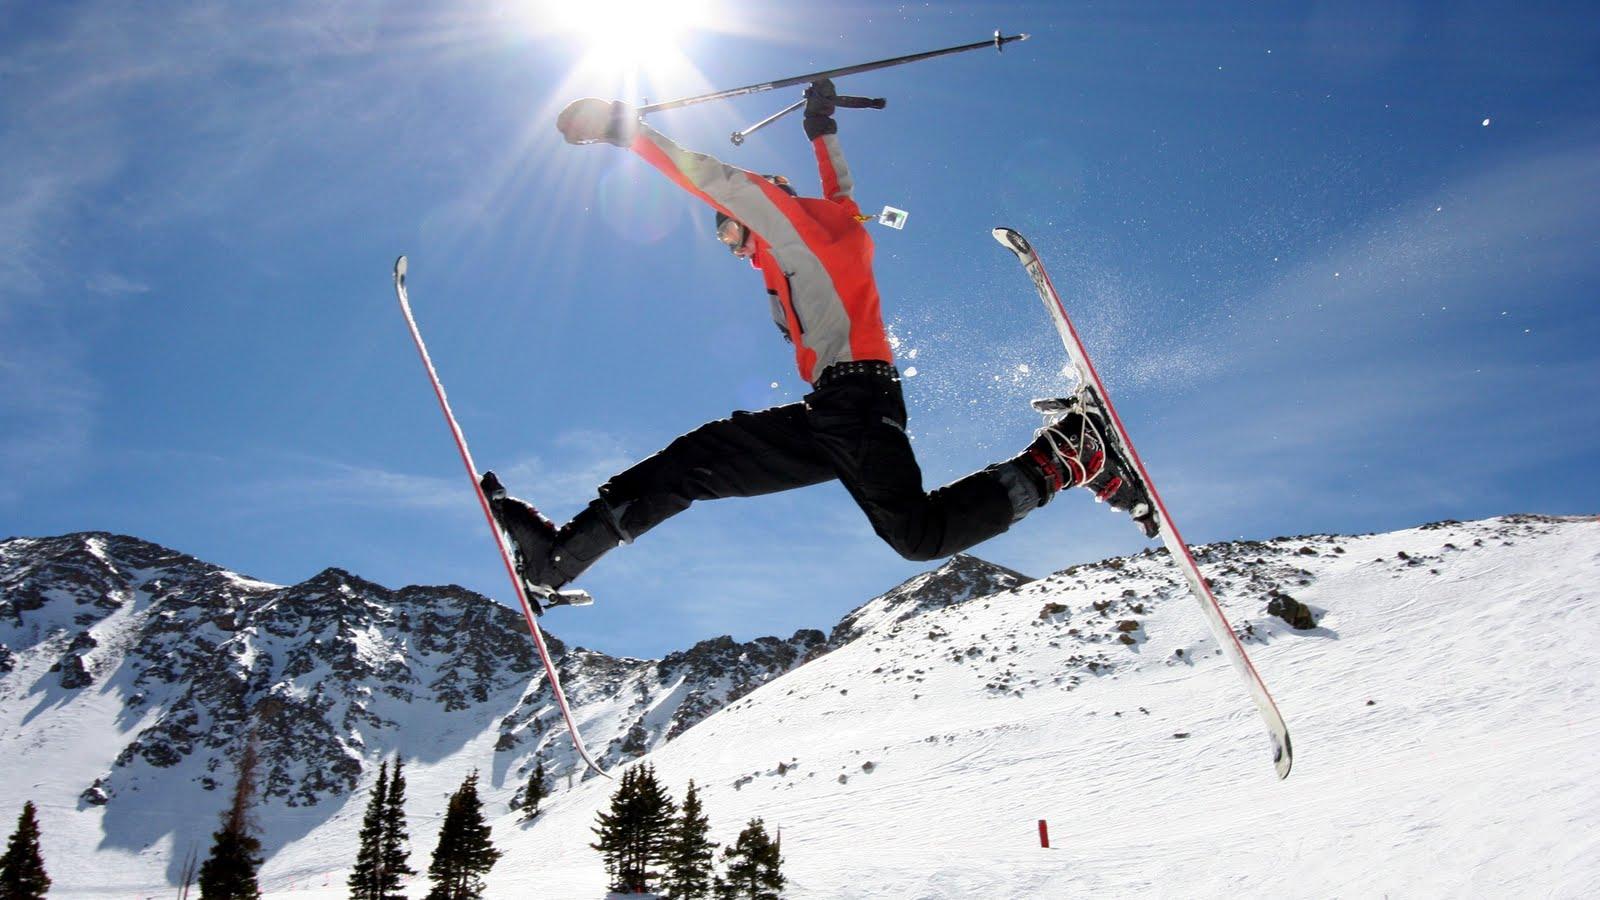 http://4.bp.blogspot.com/-i4_WuAAsBgY/TyU1XDwElrI/AAAAAAAAARk/vWHXqAN3KmA/s1600/Ski_Jump_1920x1080-HDTV-1080p.jpg